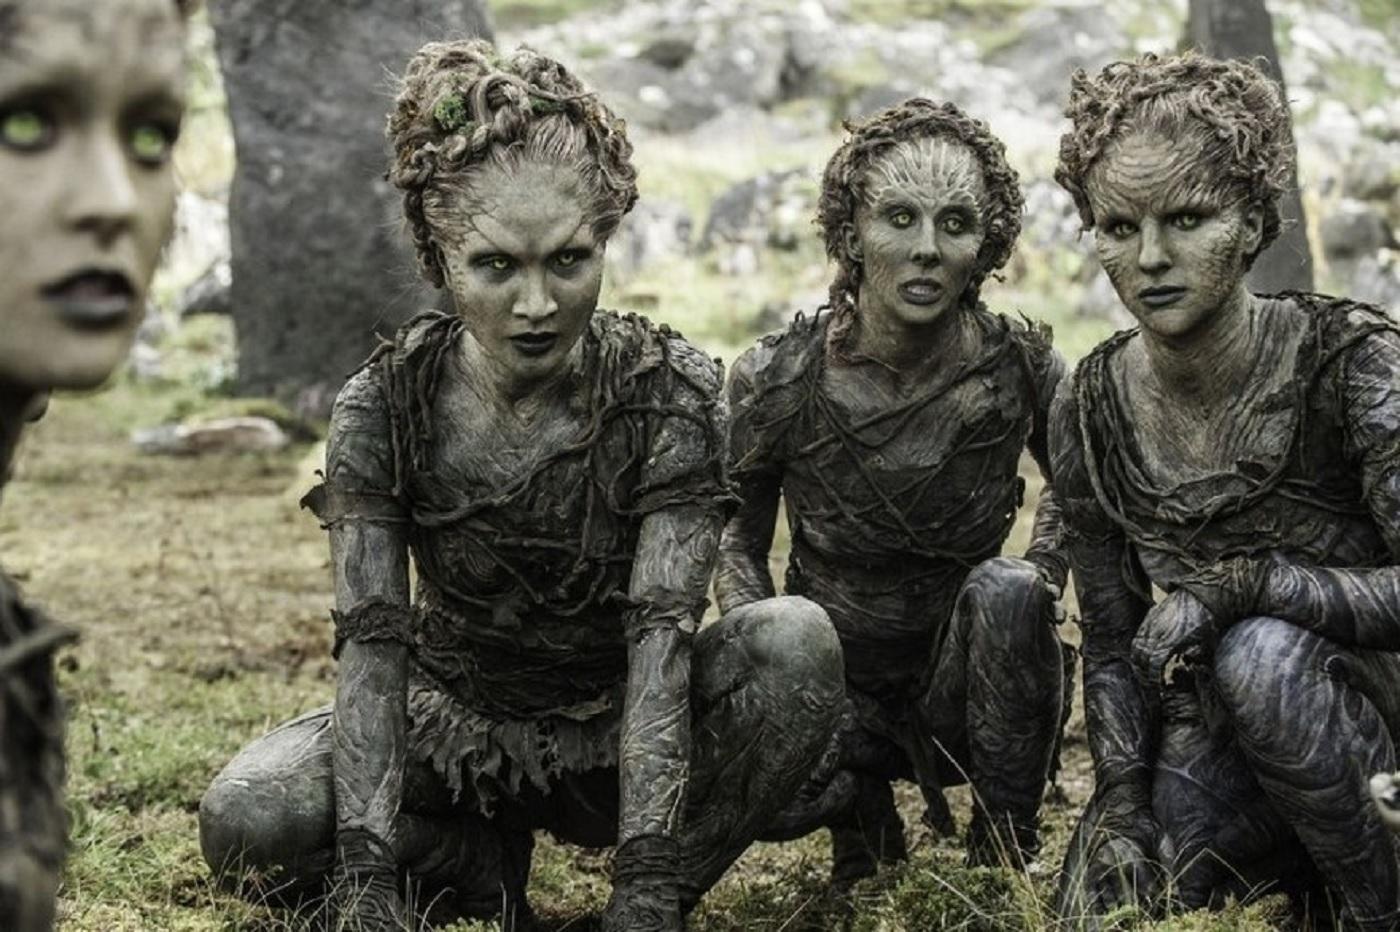 Les enfants de la Forêt dans Game of Thrones